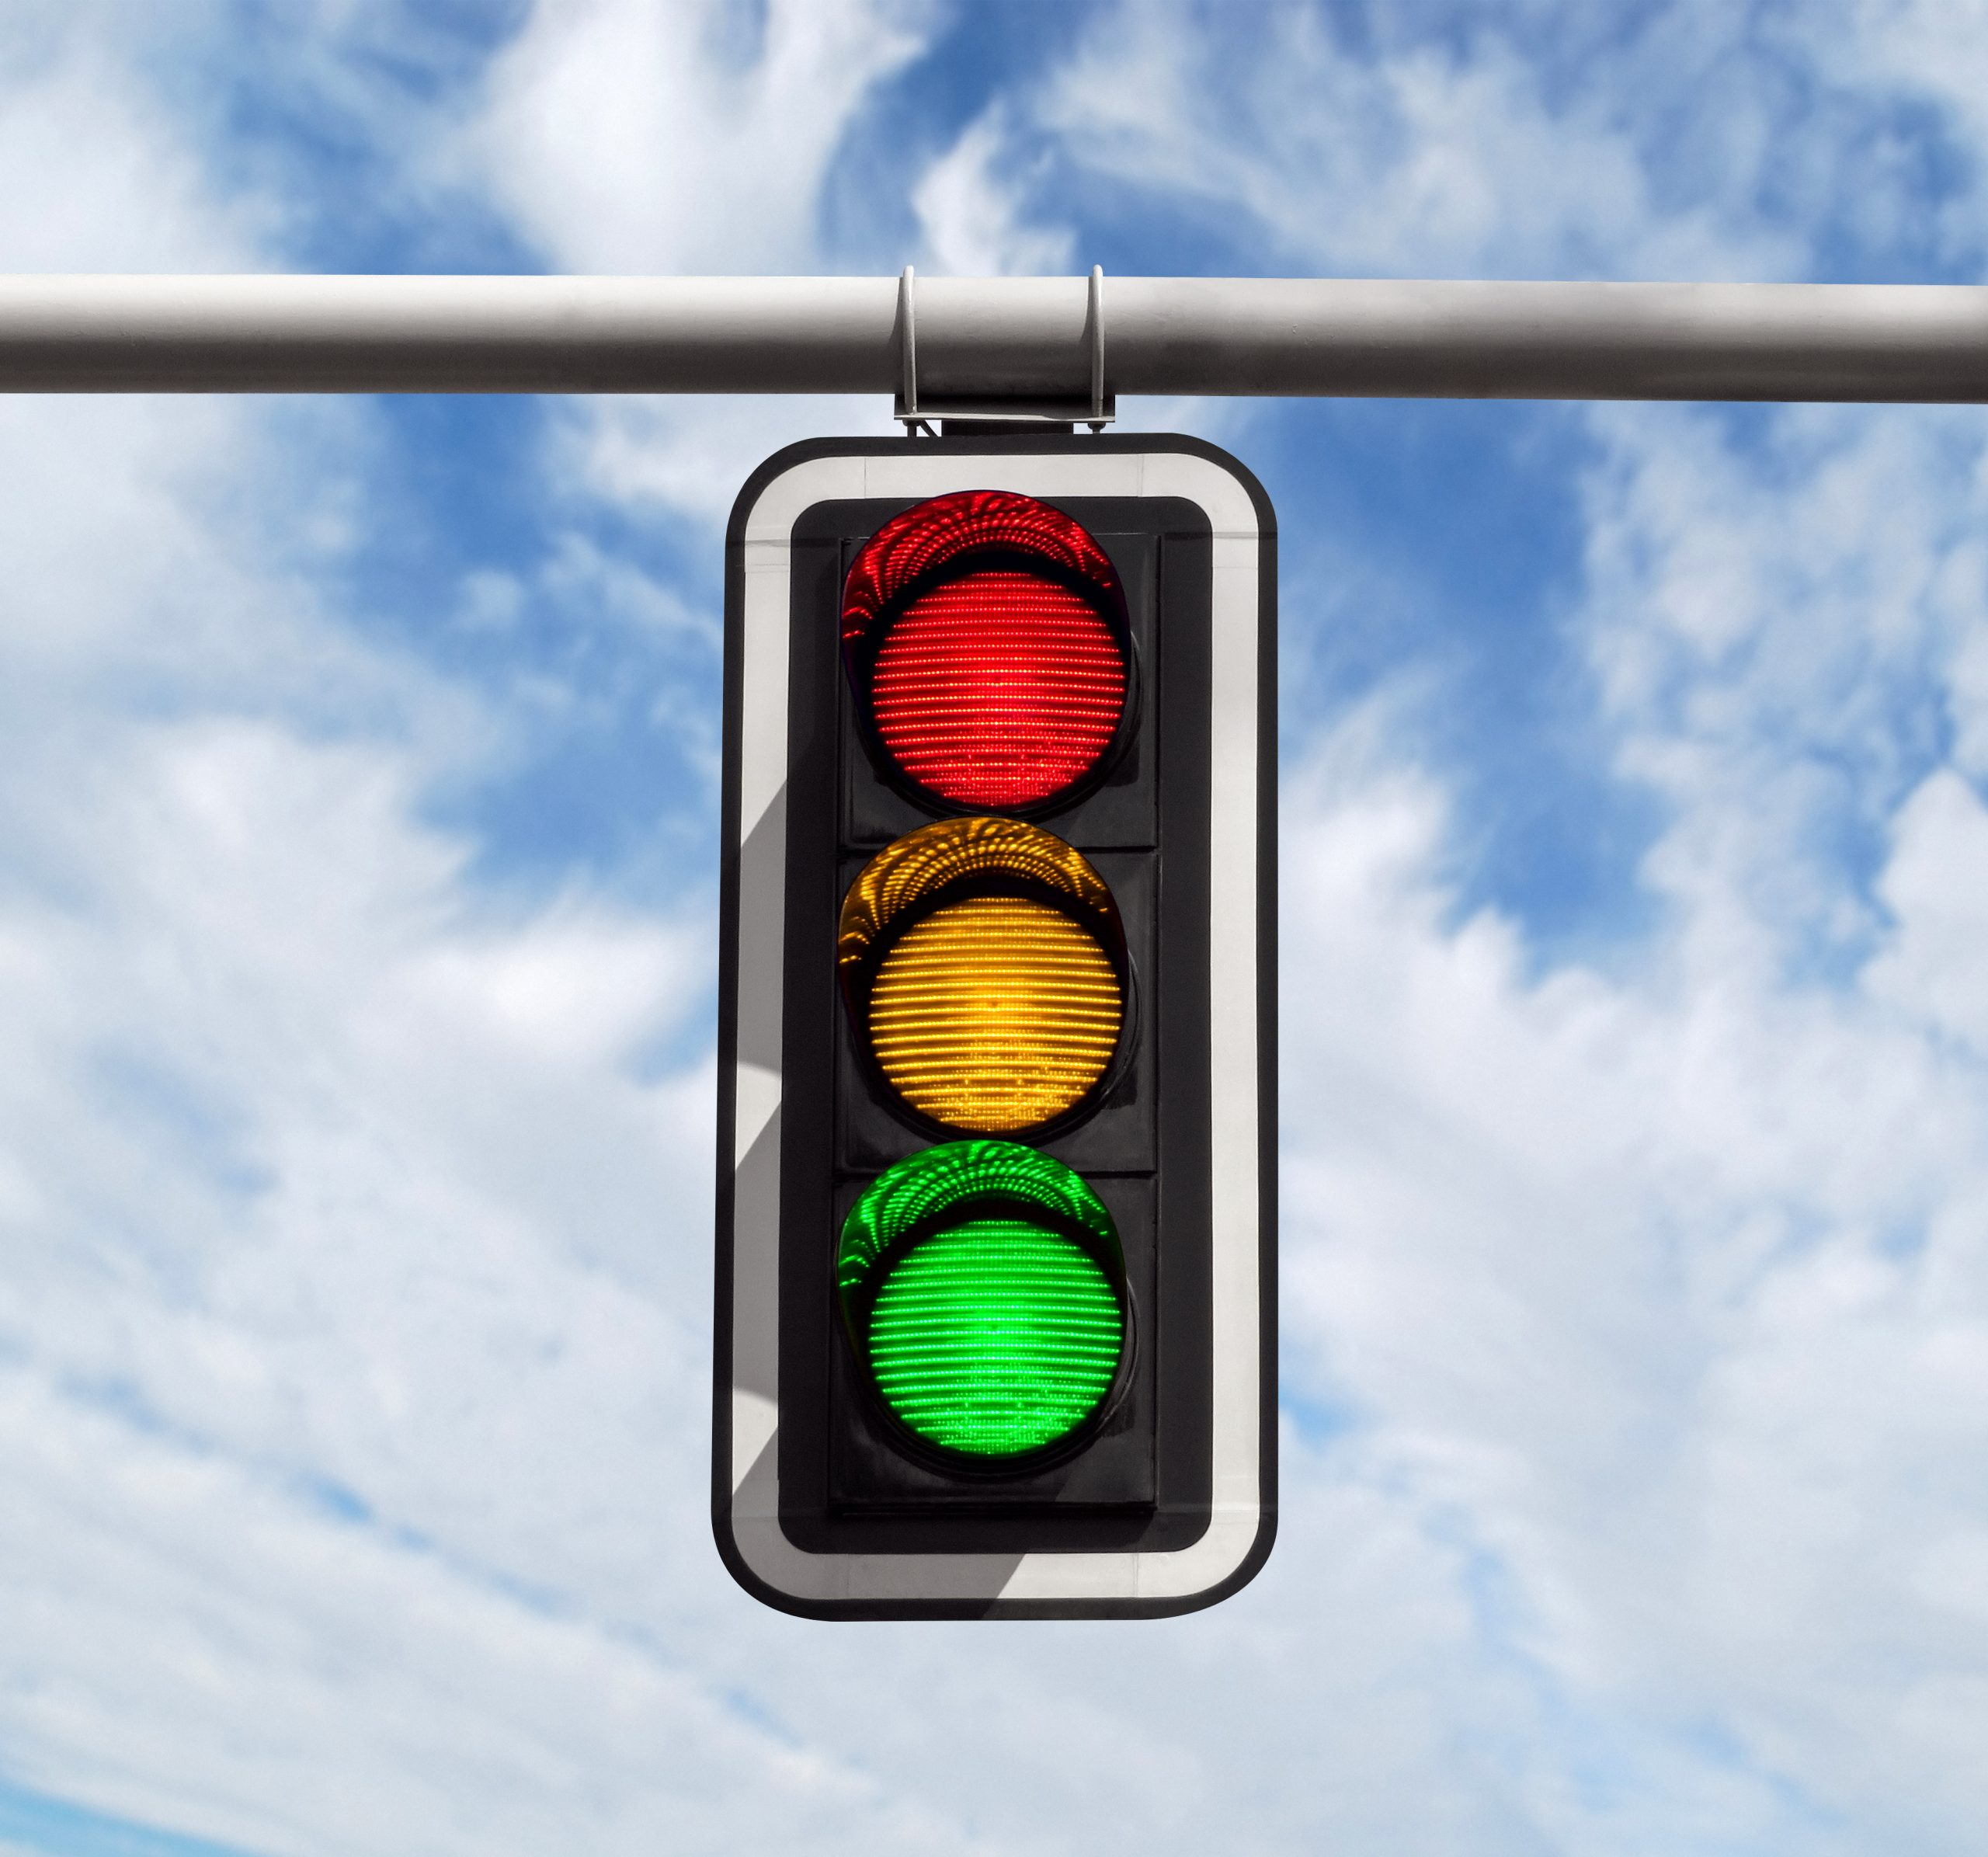 Semafor, zeleno svetlo